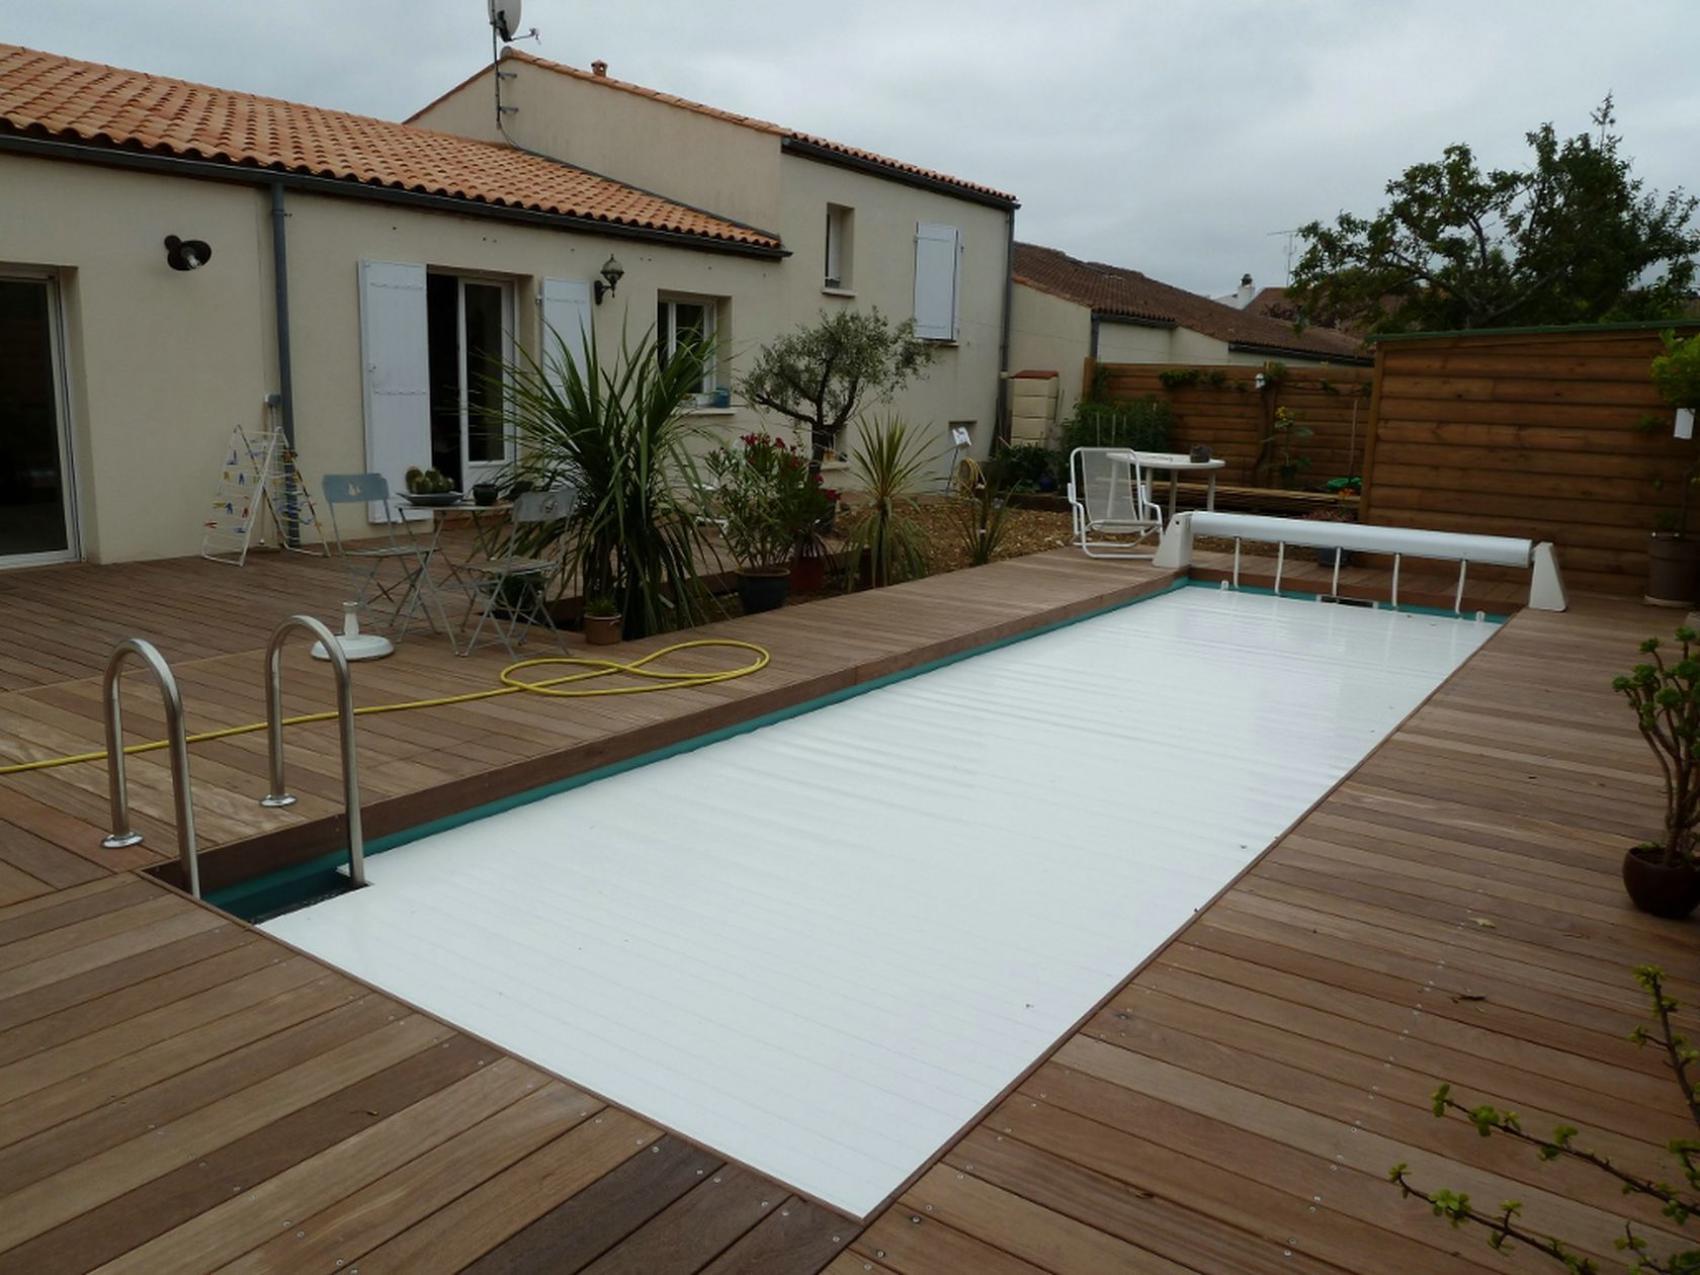 construction d 39 une piscine avec terrasse bois p rigny pr s de la rochelle. Black Bedroom Furniture Sets. Home Design Ideas